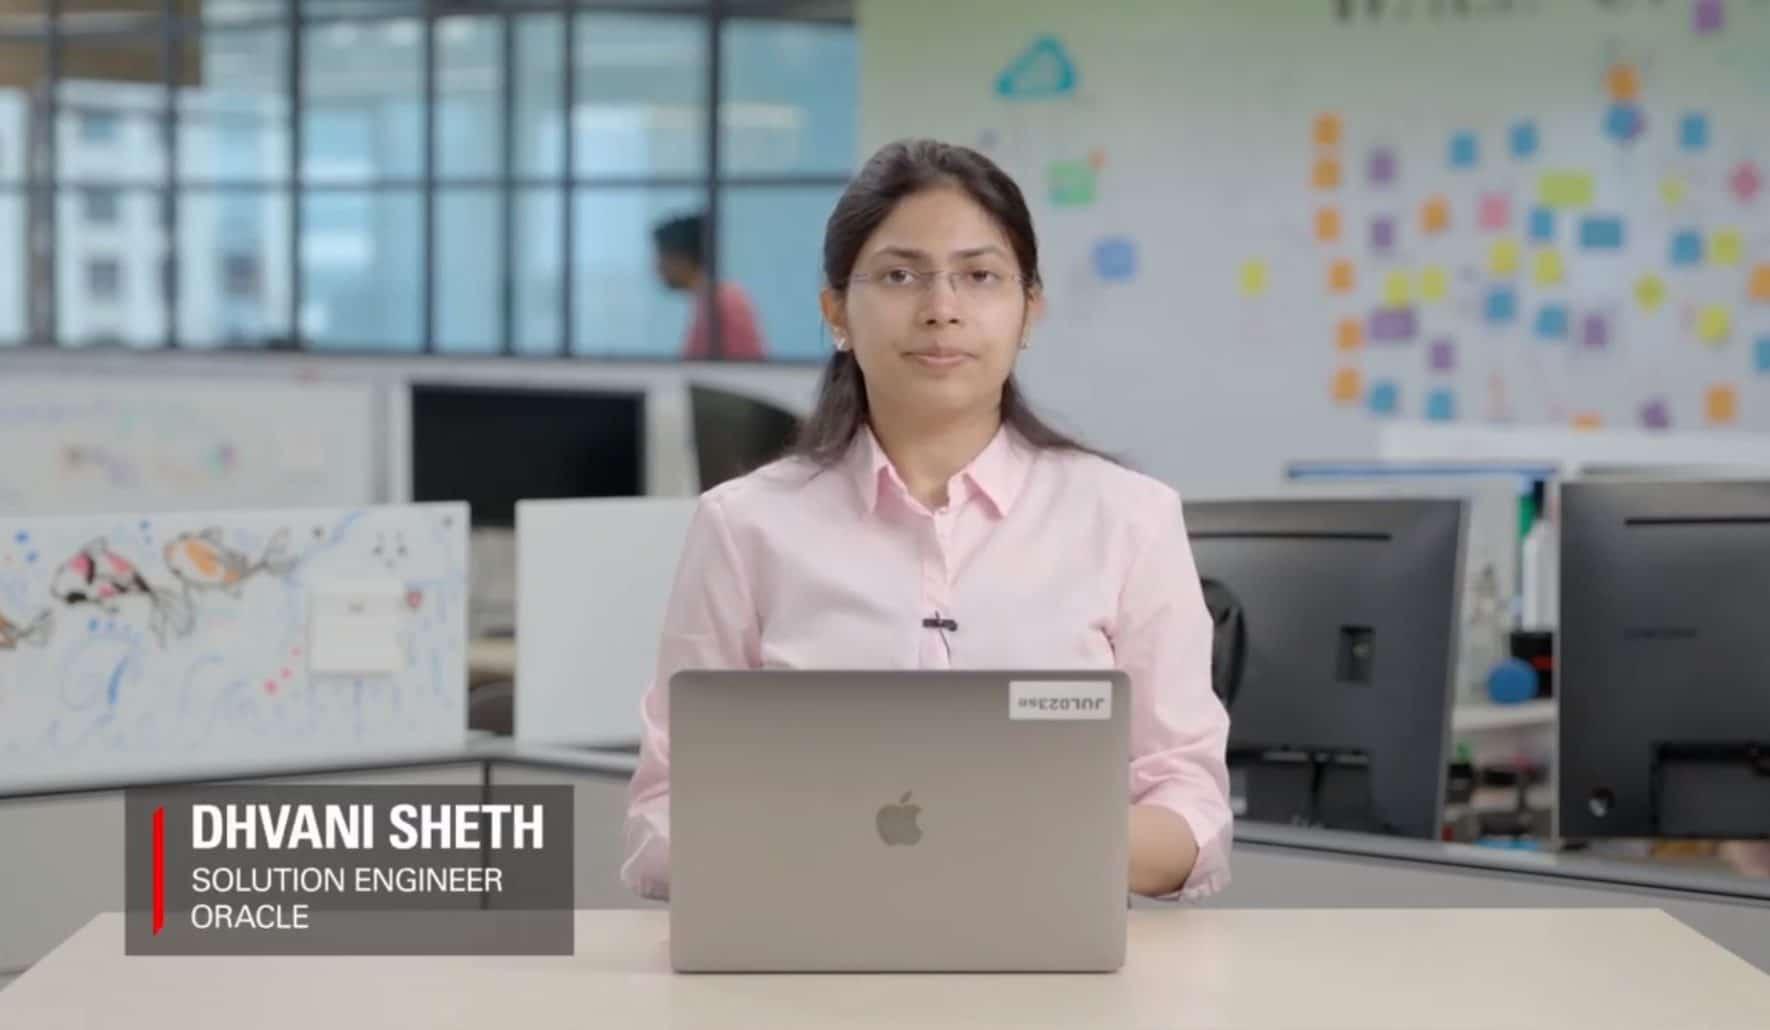 dhvani-sheth-hr-analytics